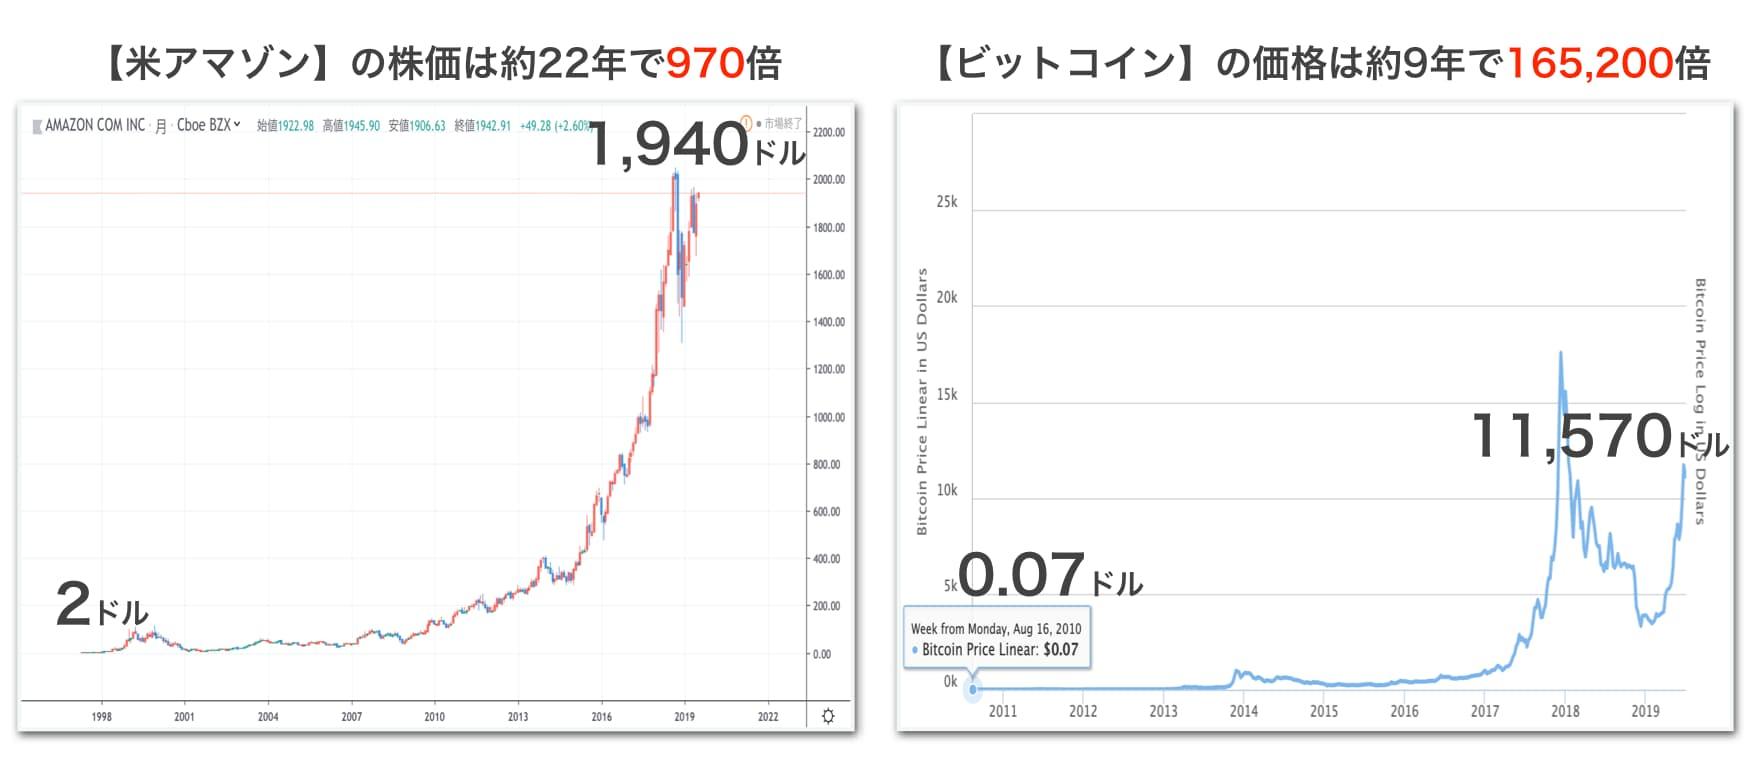 アマゾン株とビットコイン